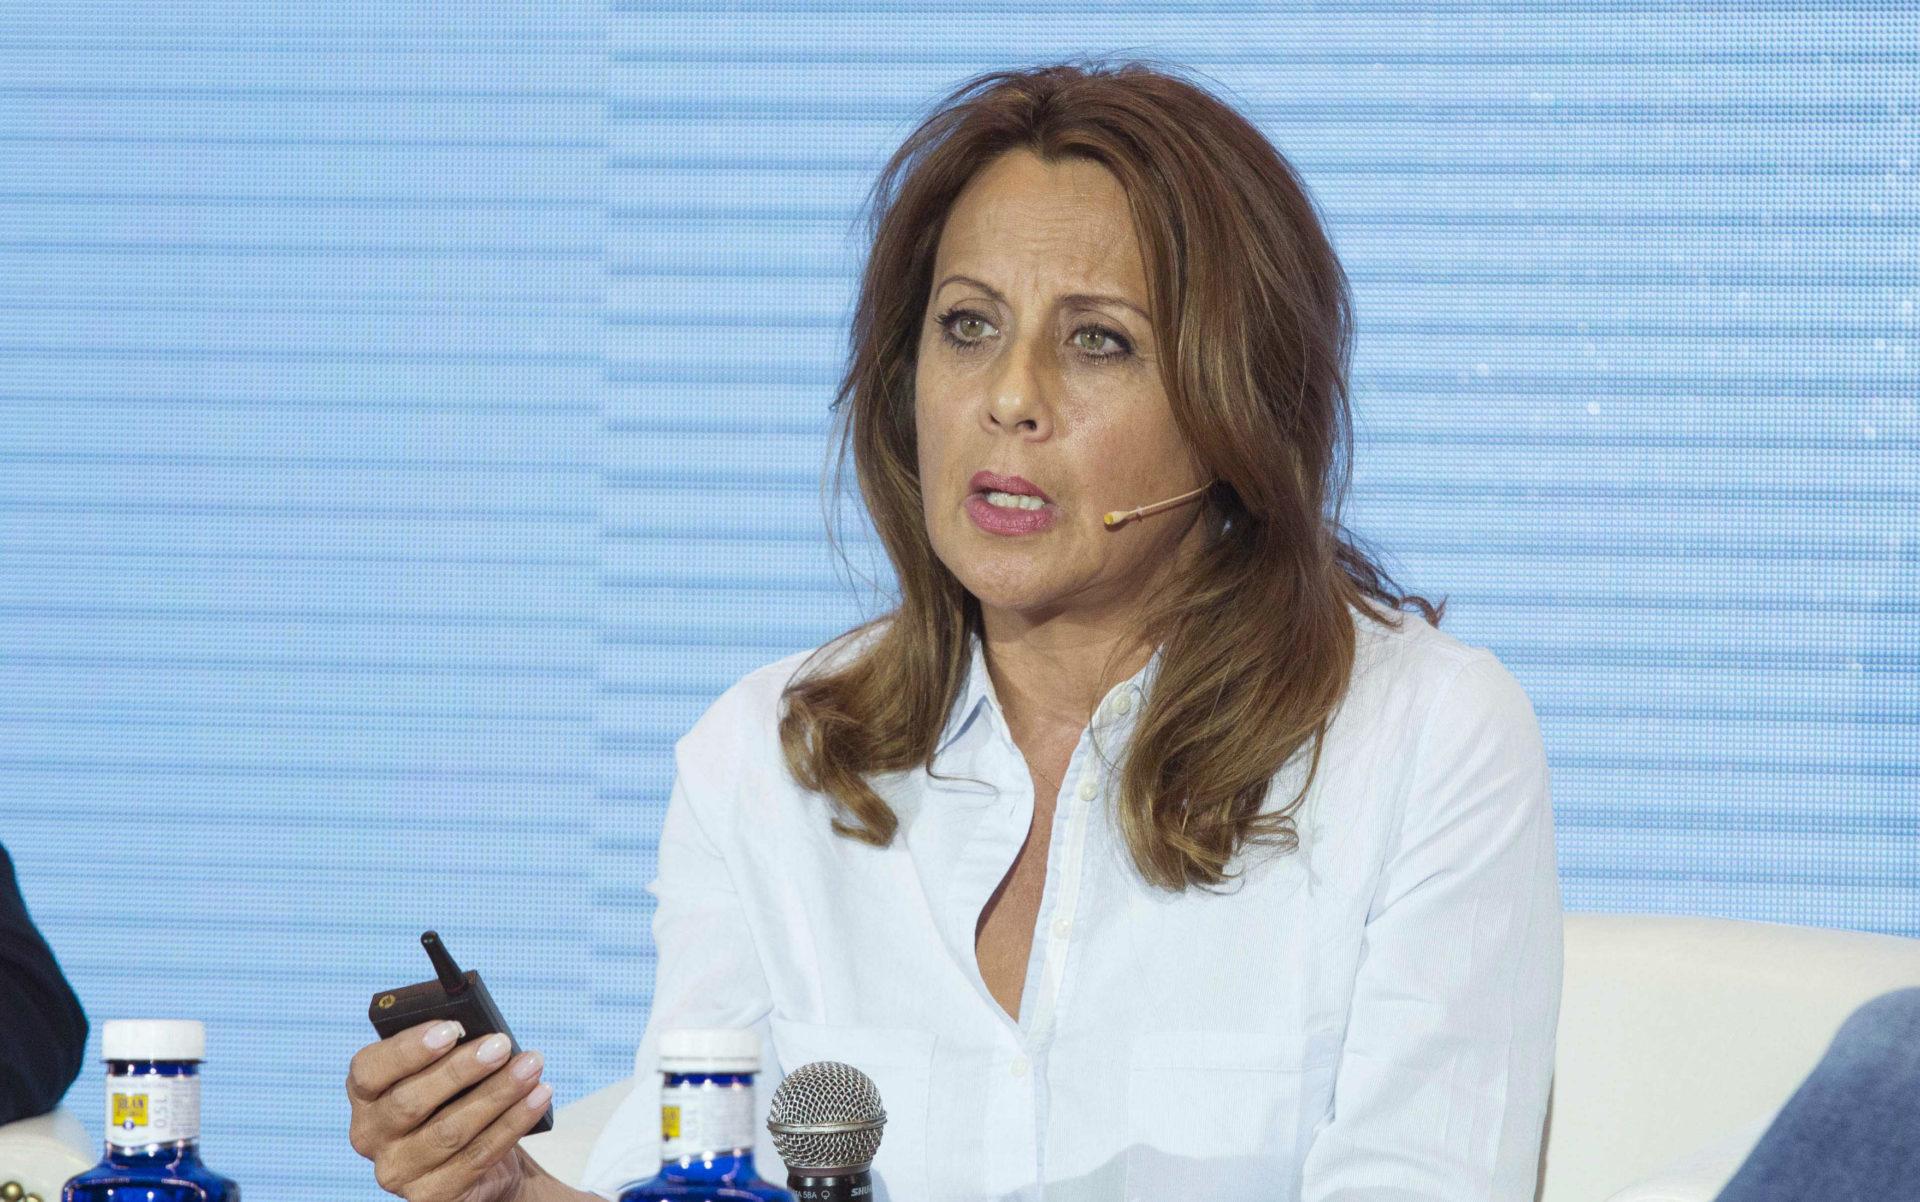 Isabel Hoffmann, pionera de la revolución FoodTech, CEO de la startup Tellspec y con ocho empresas a sus espaldas, comparte los logros y desafíos de su carrera.